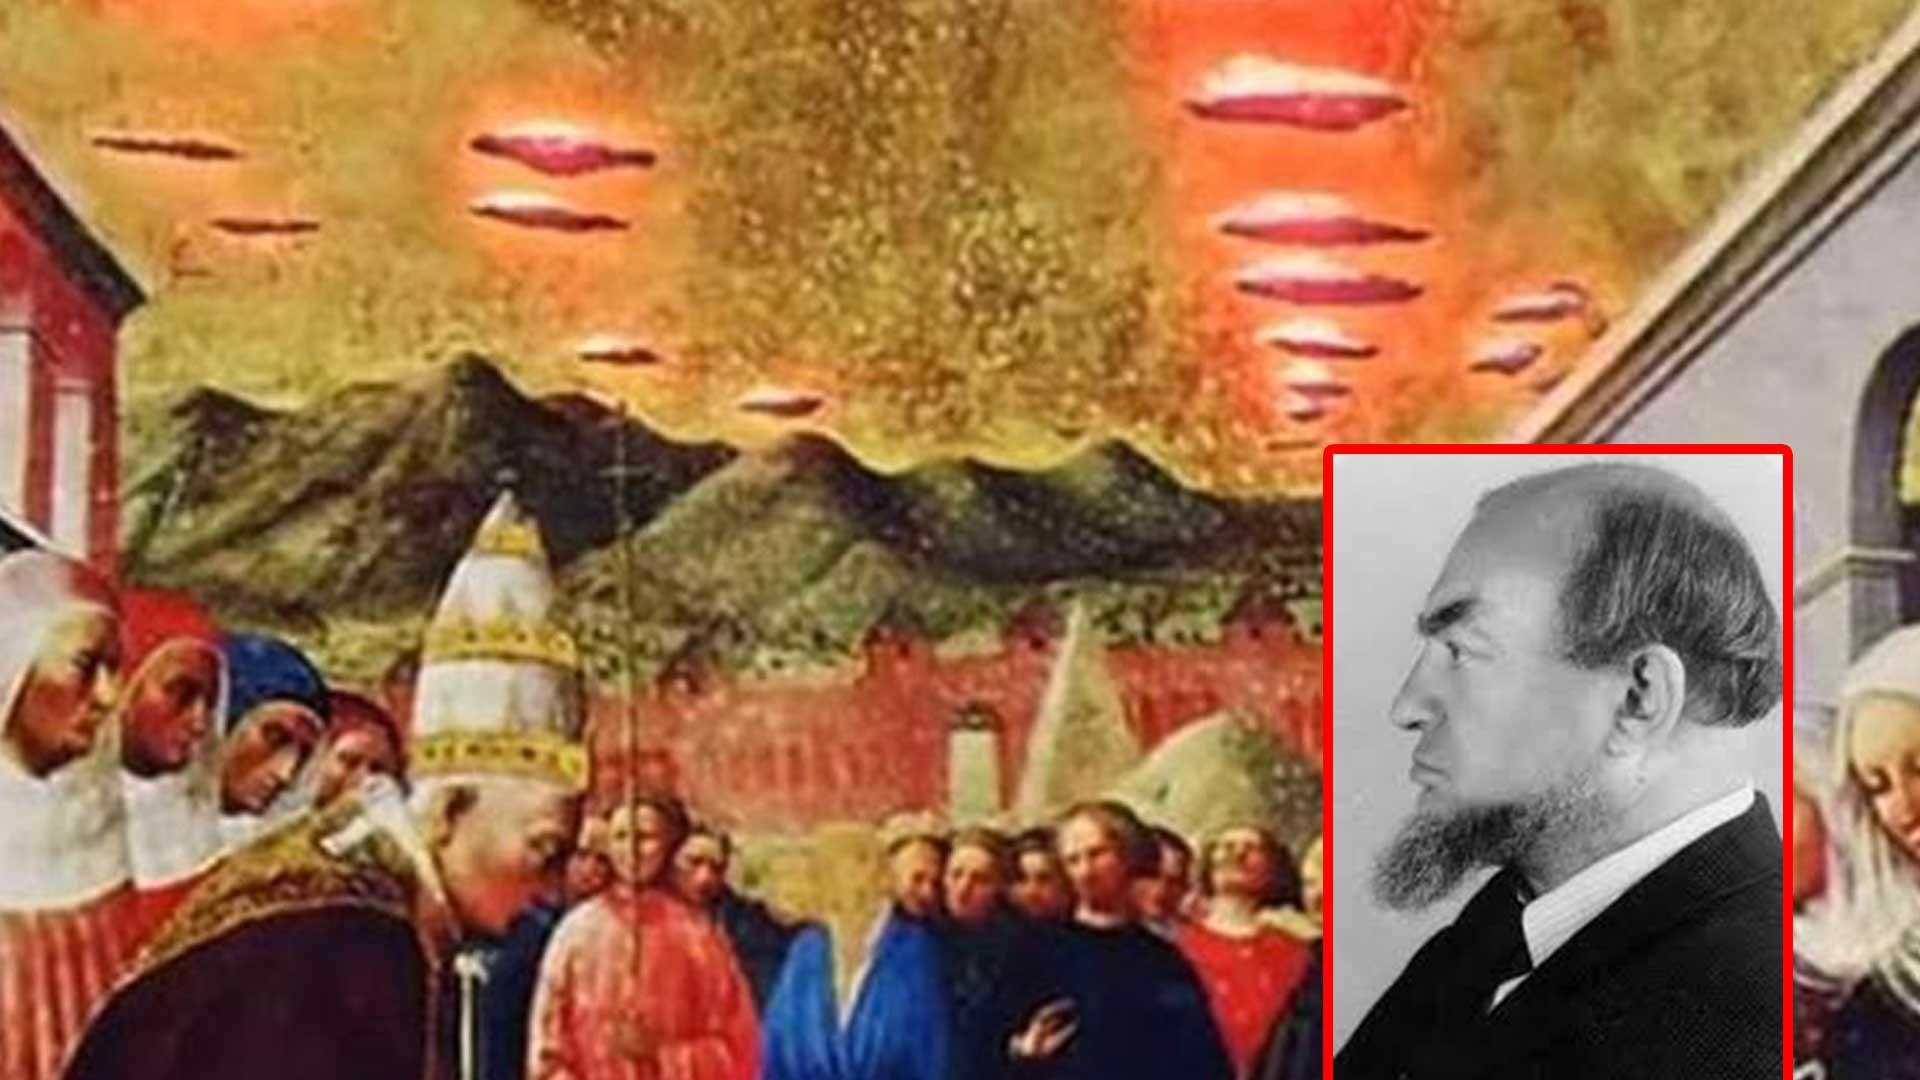 El Profesor Ludvig, el científico ruso con acceso a los archivos secretos del vaticano